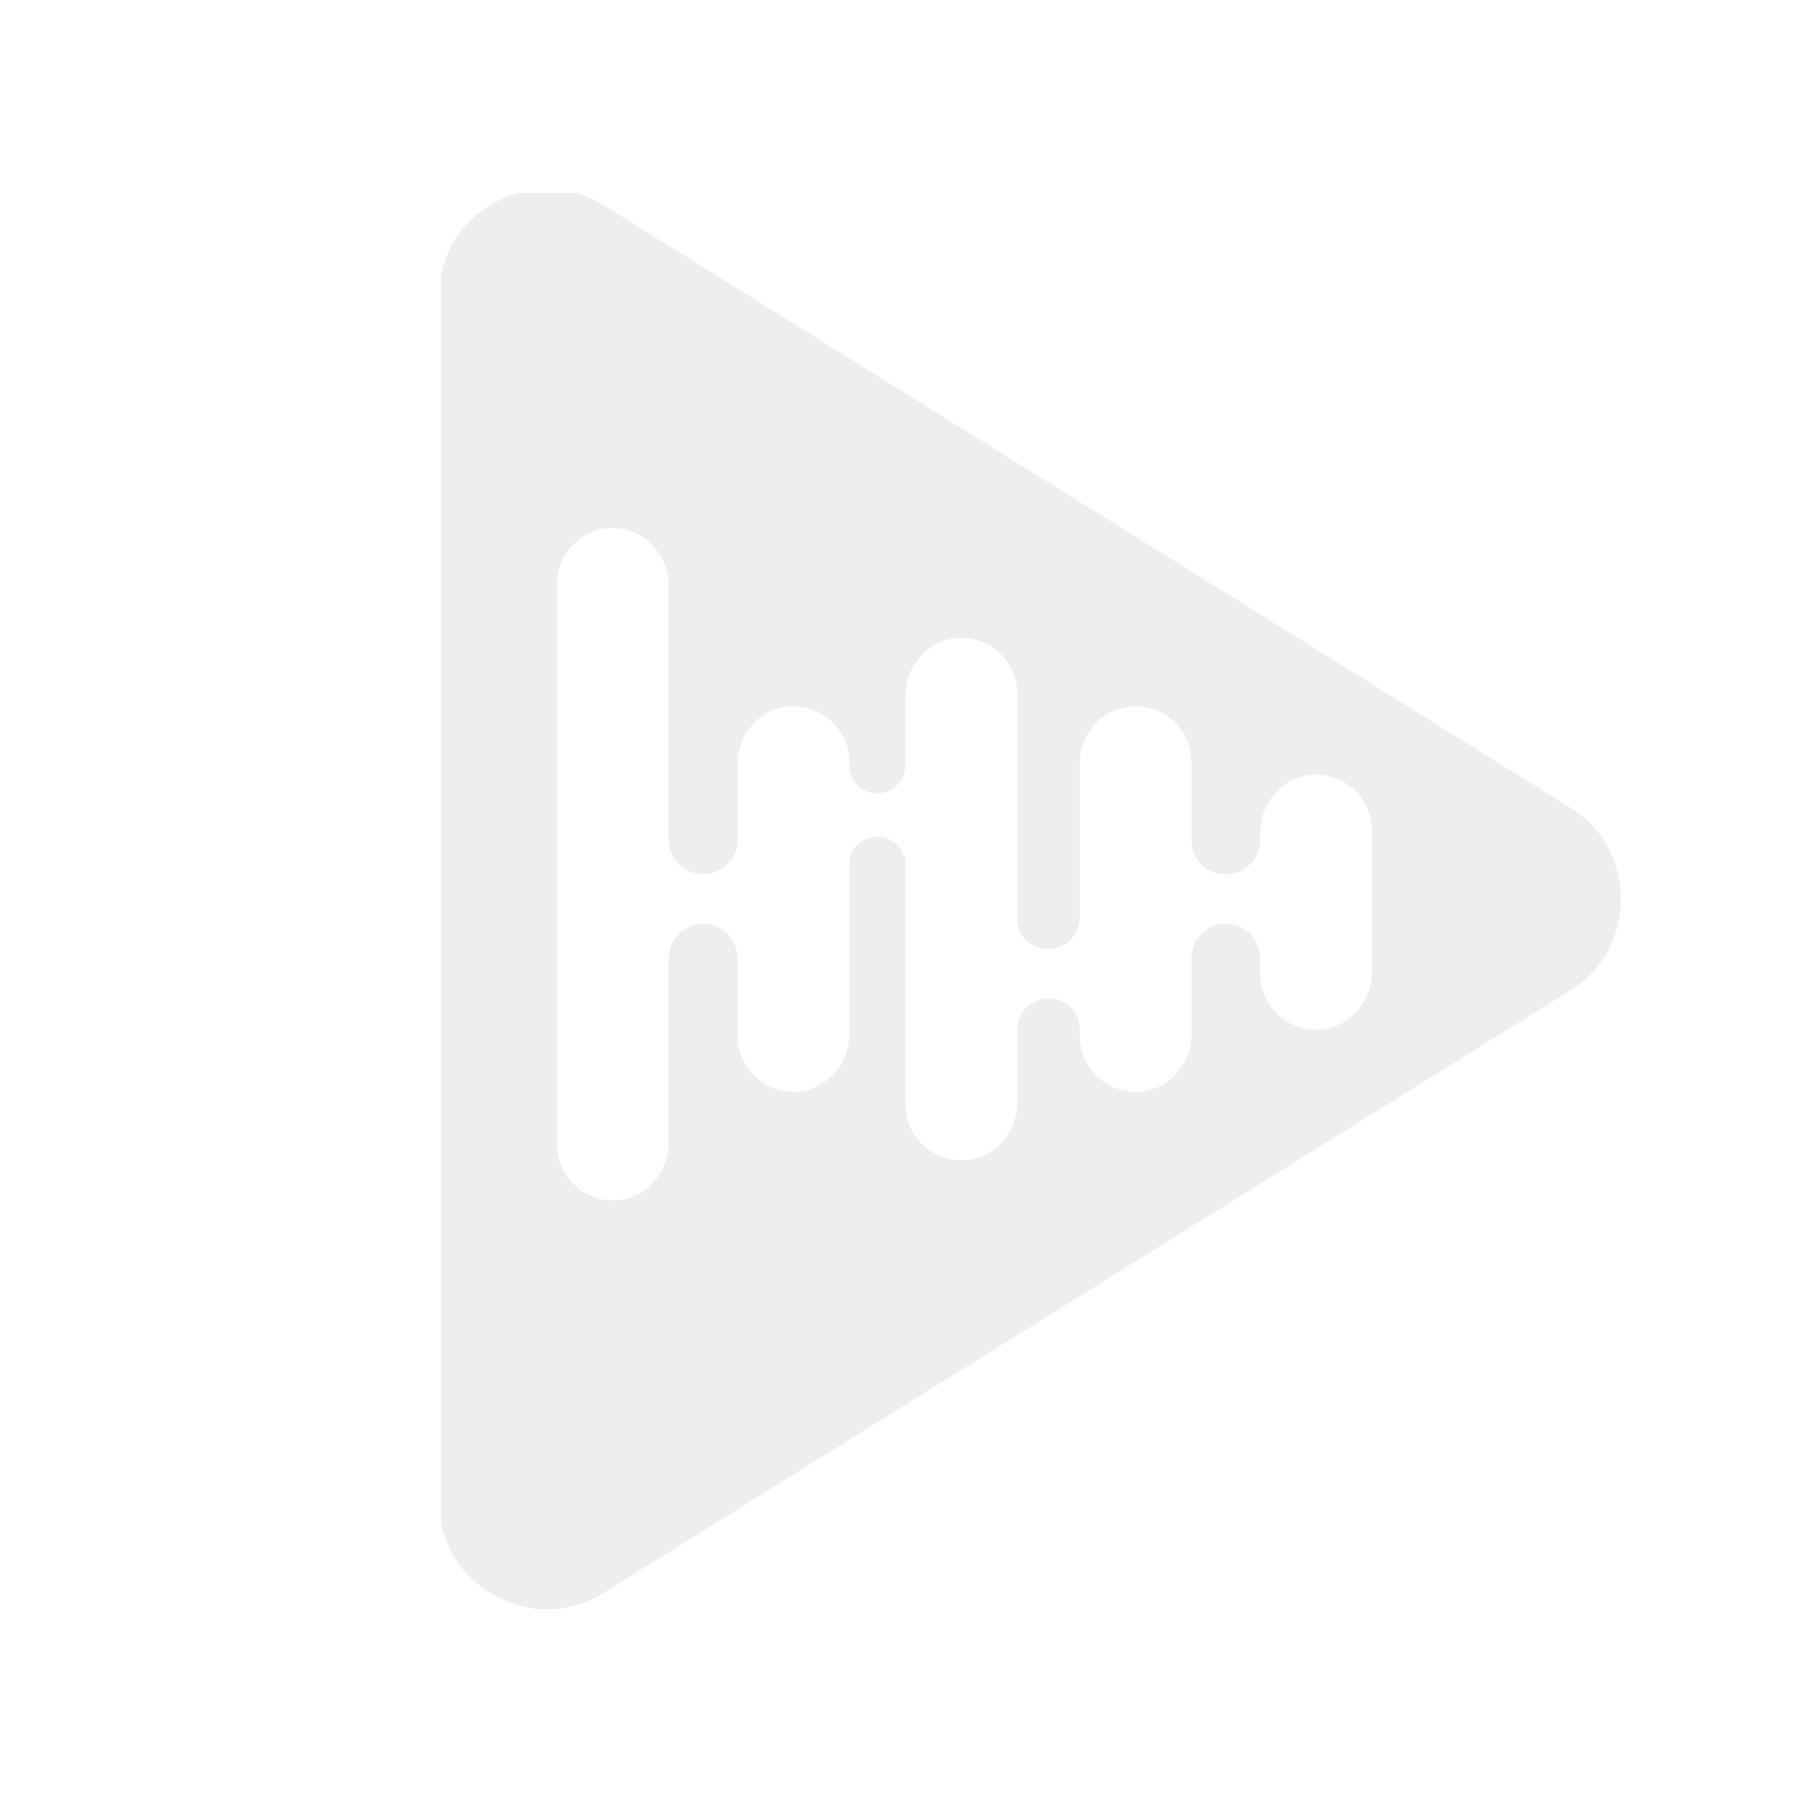 Zapco Z-150.4 LX